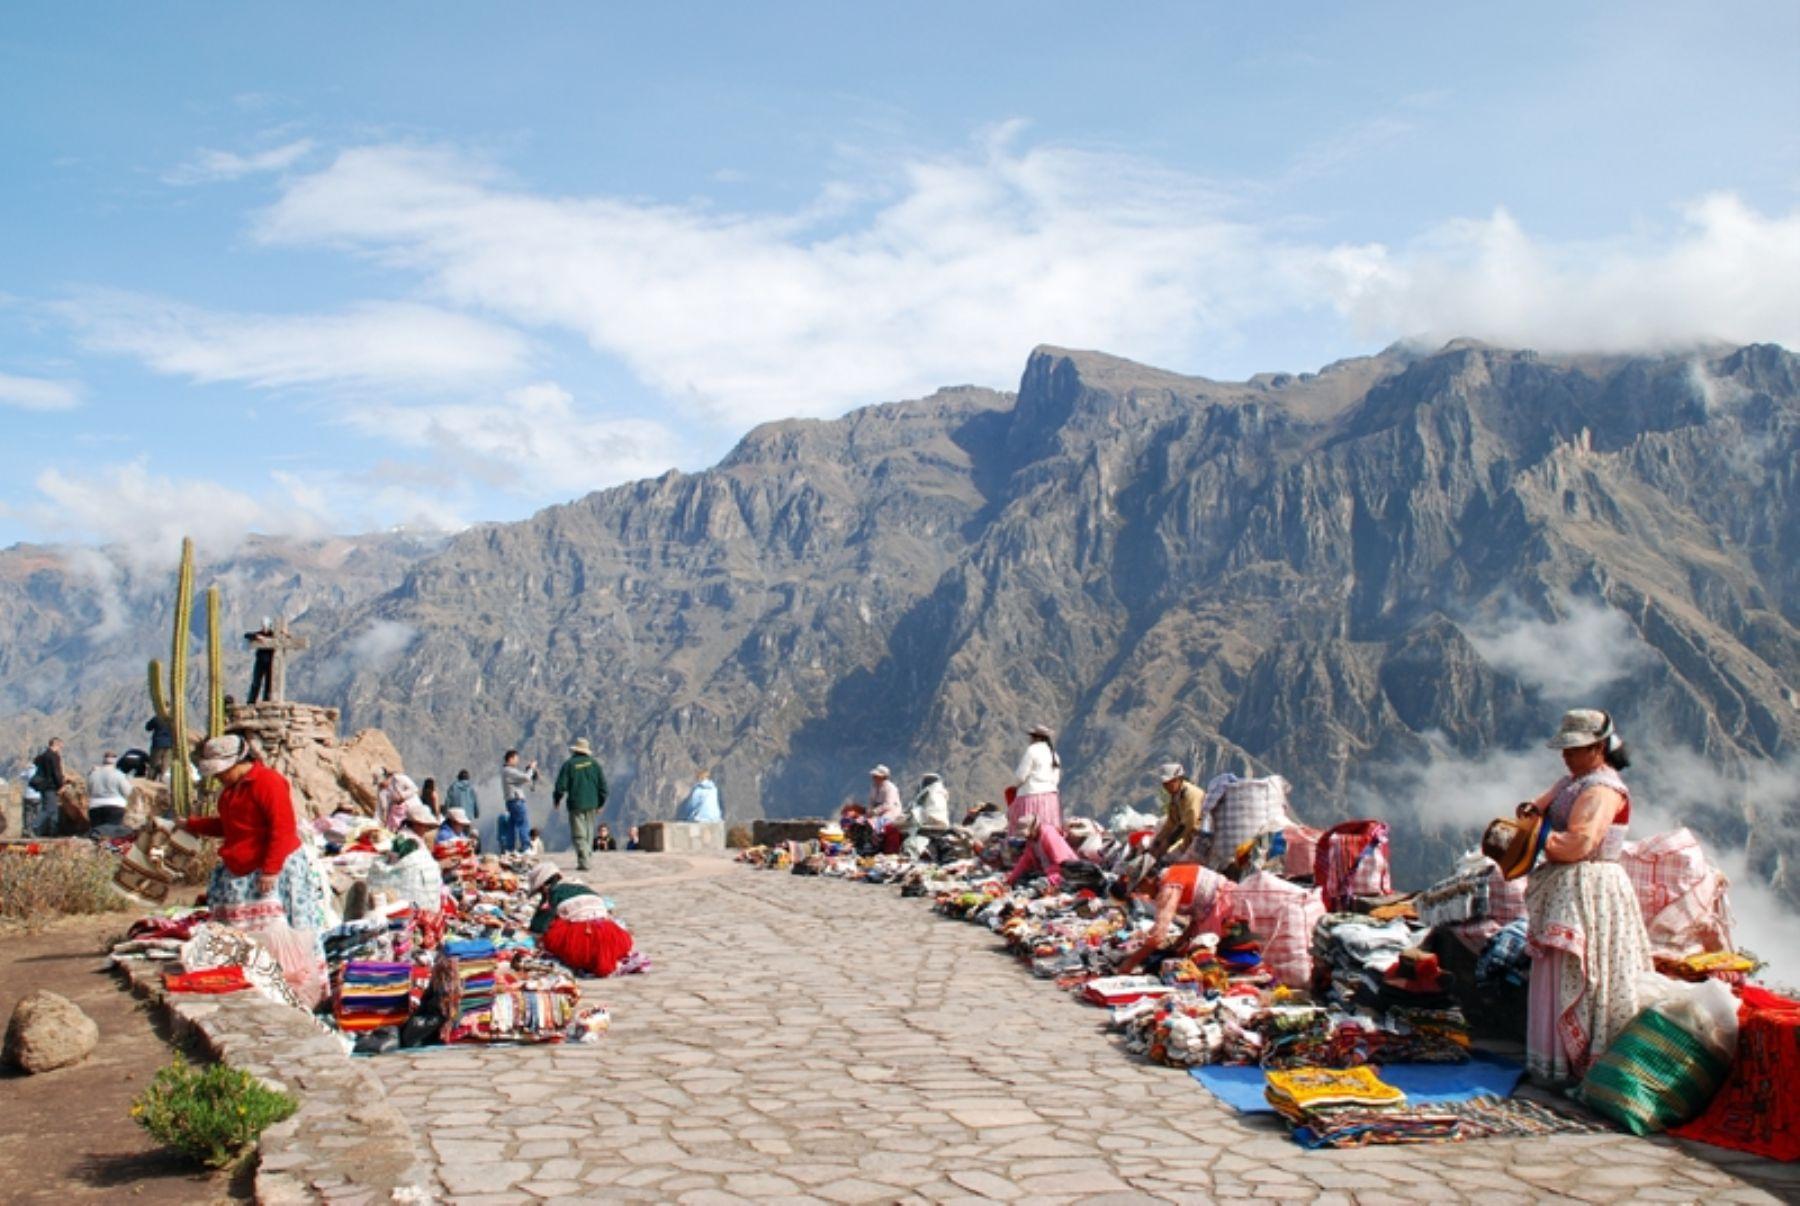 Del 30 de diciembre al 3 de enero de 2017 arequipeños serán exonerados de pagar el boleto turístico para ingresar al valle del Colca.ANDINA/archivo